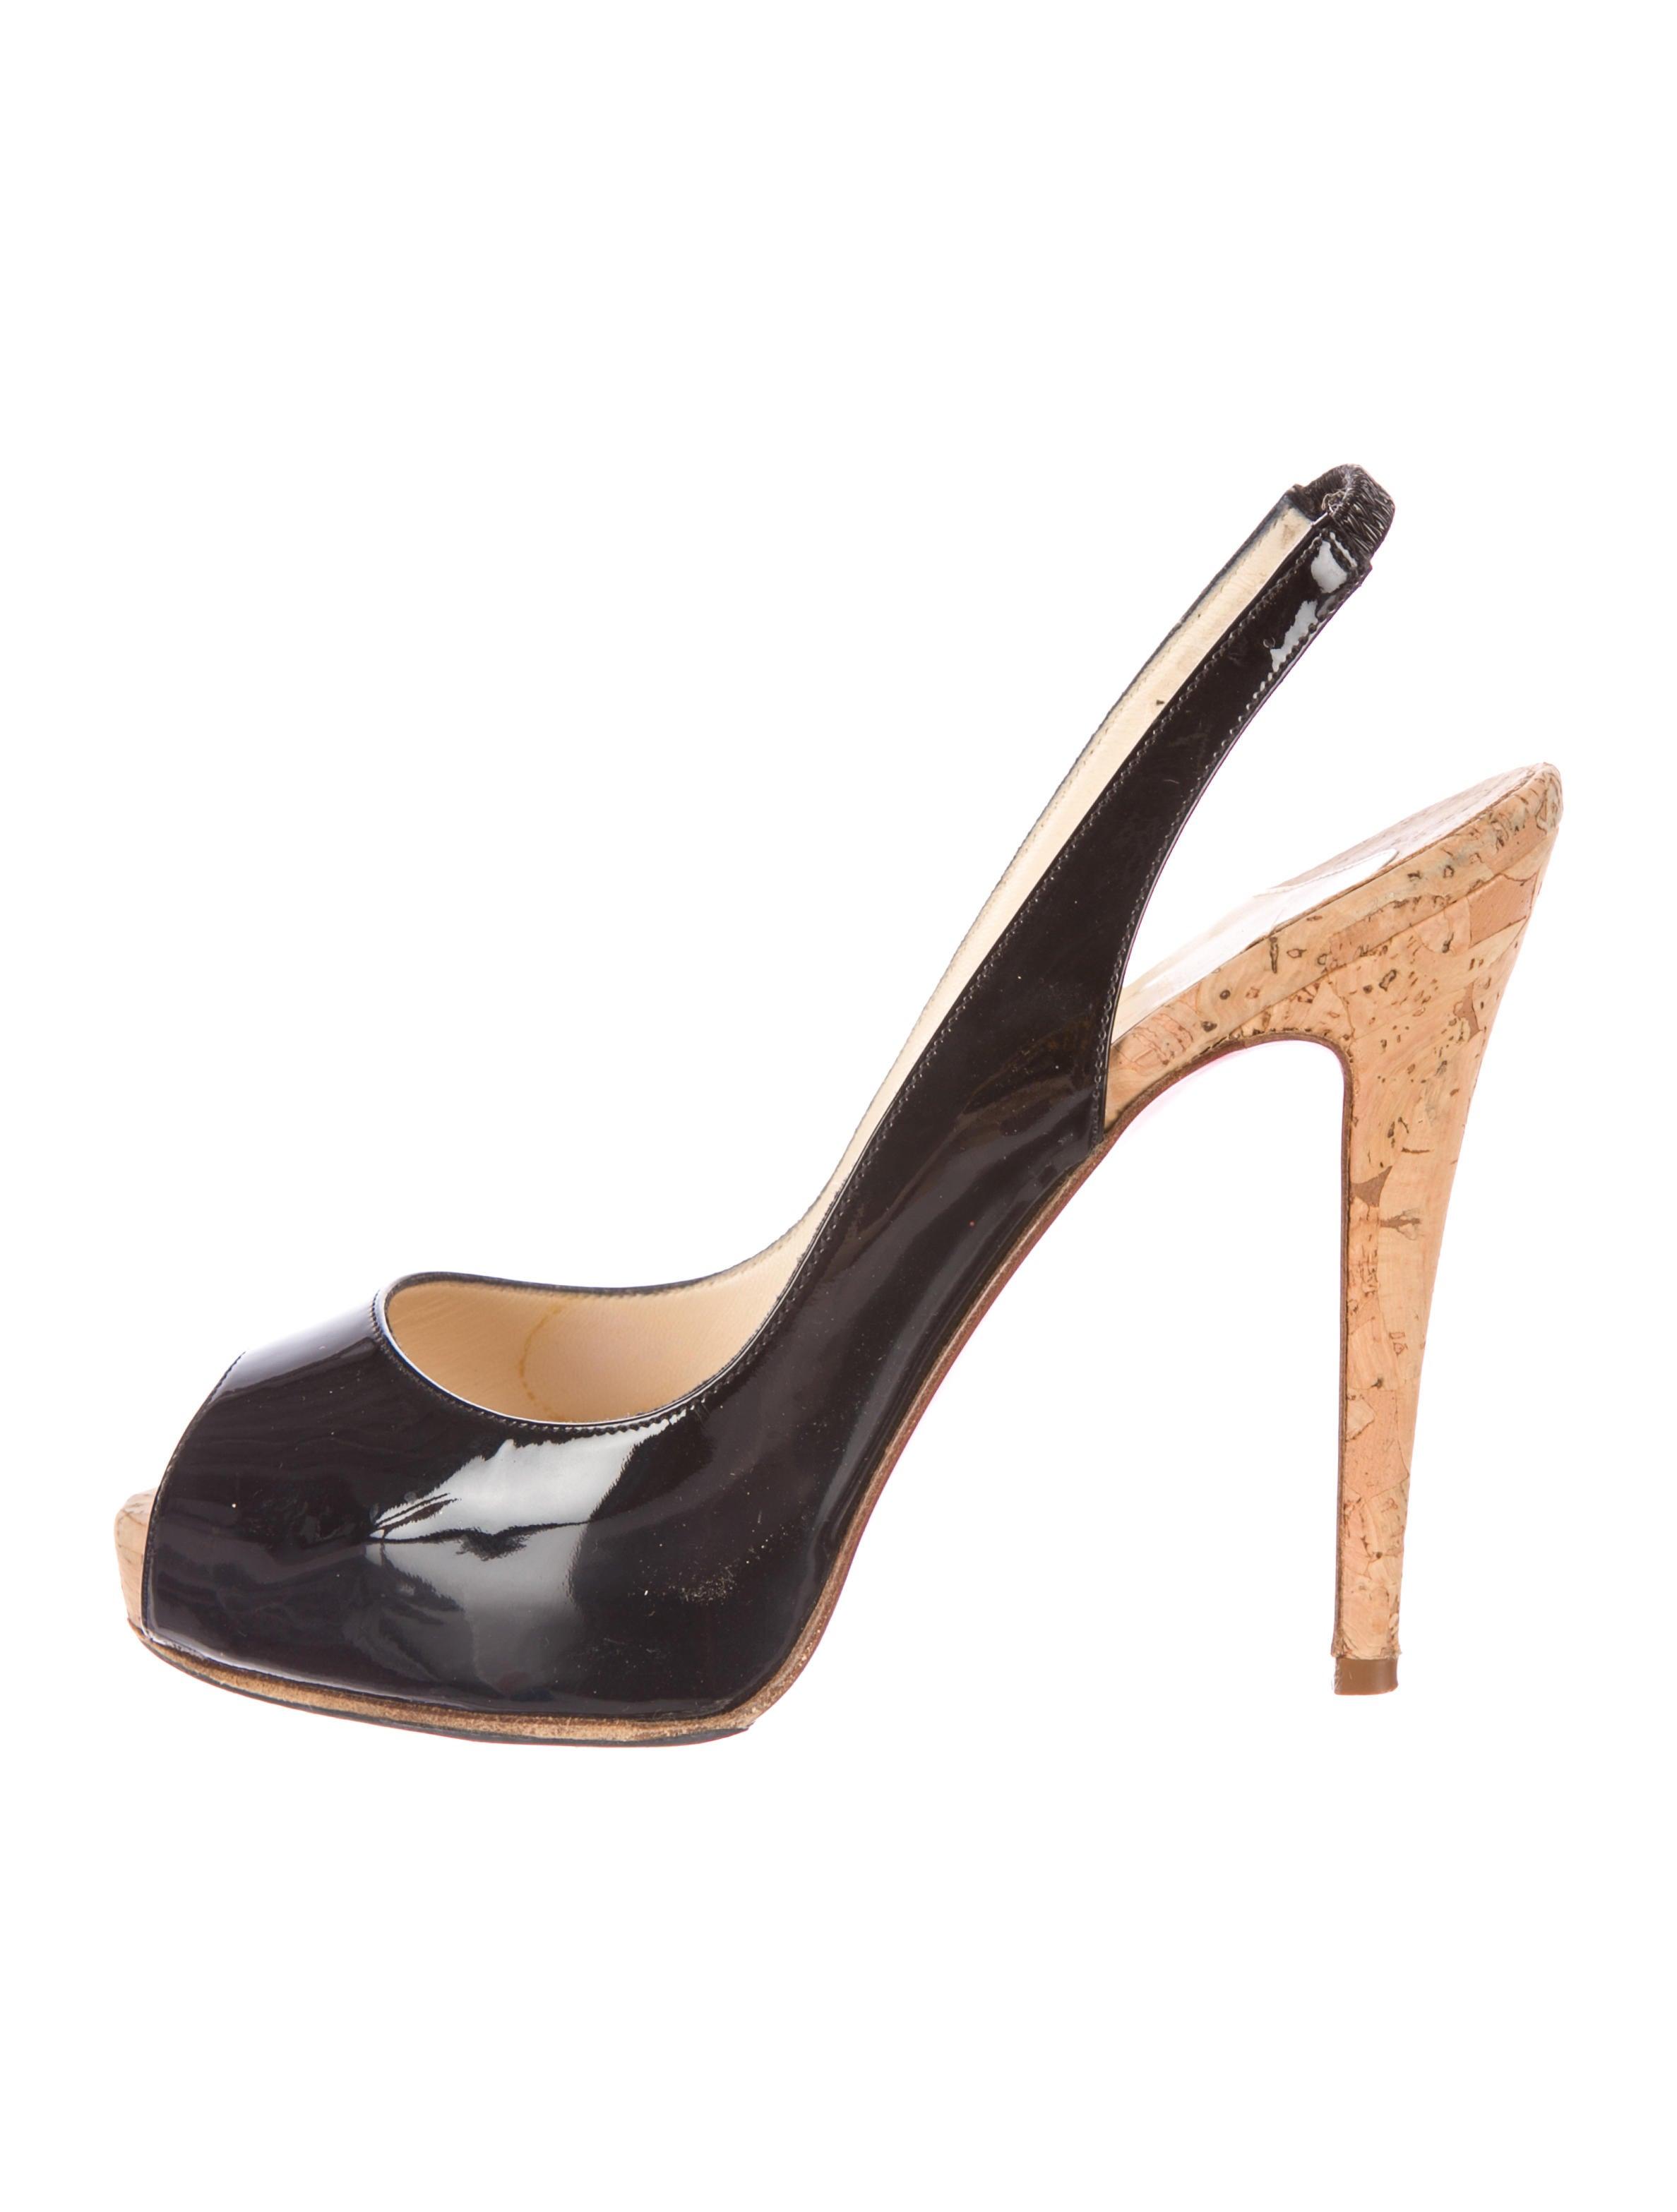 christian louboutin peep-toe platform slingback pumps Black patent ...